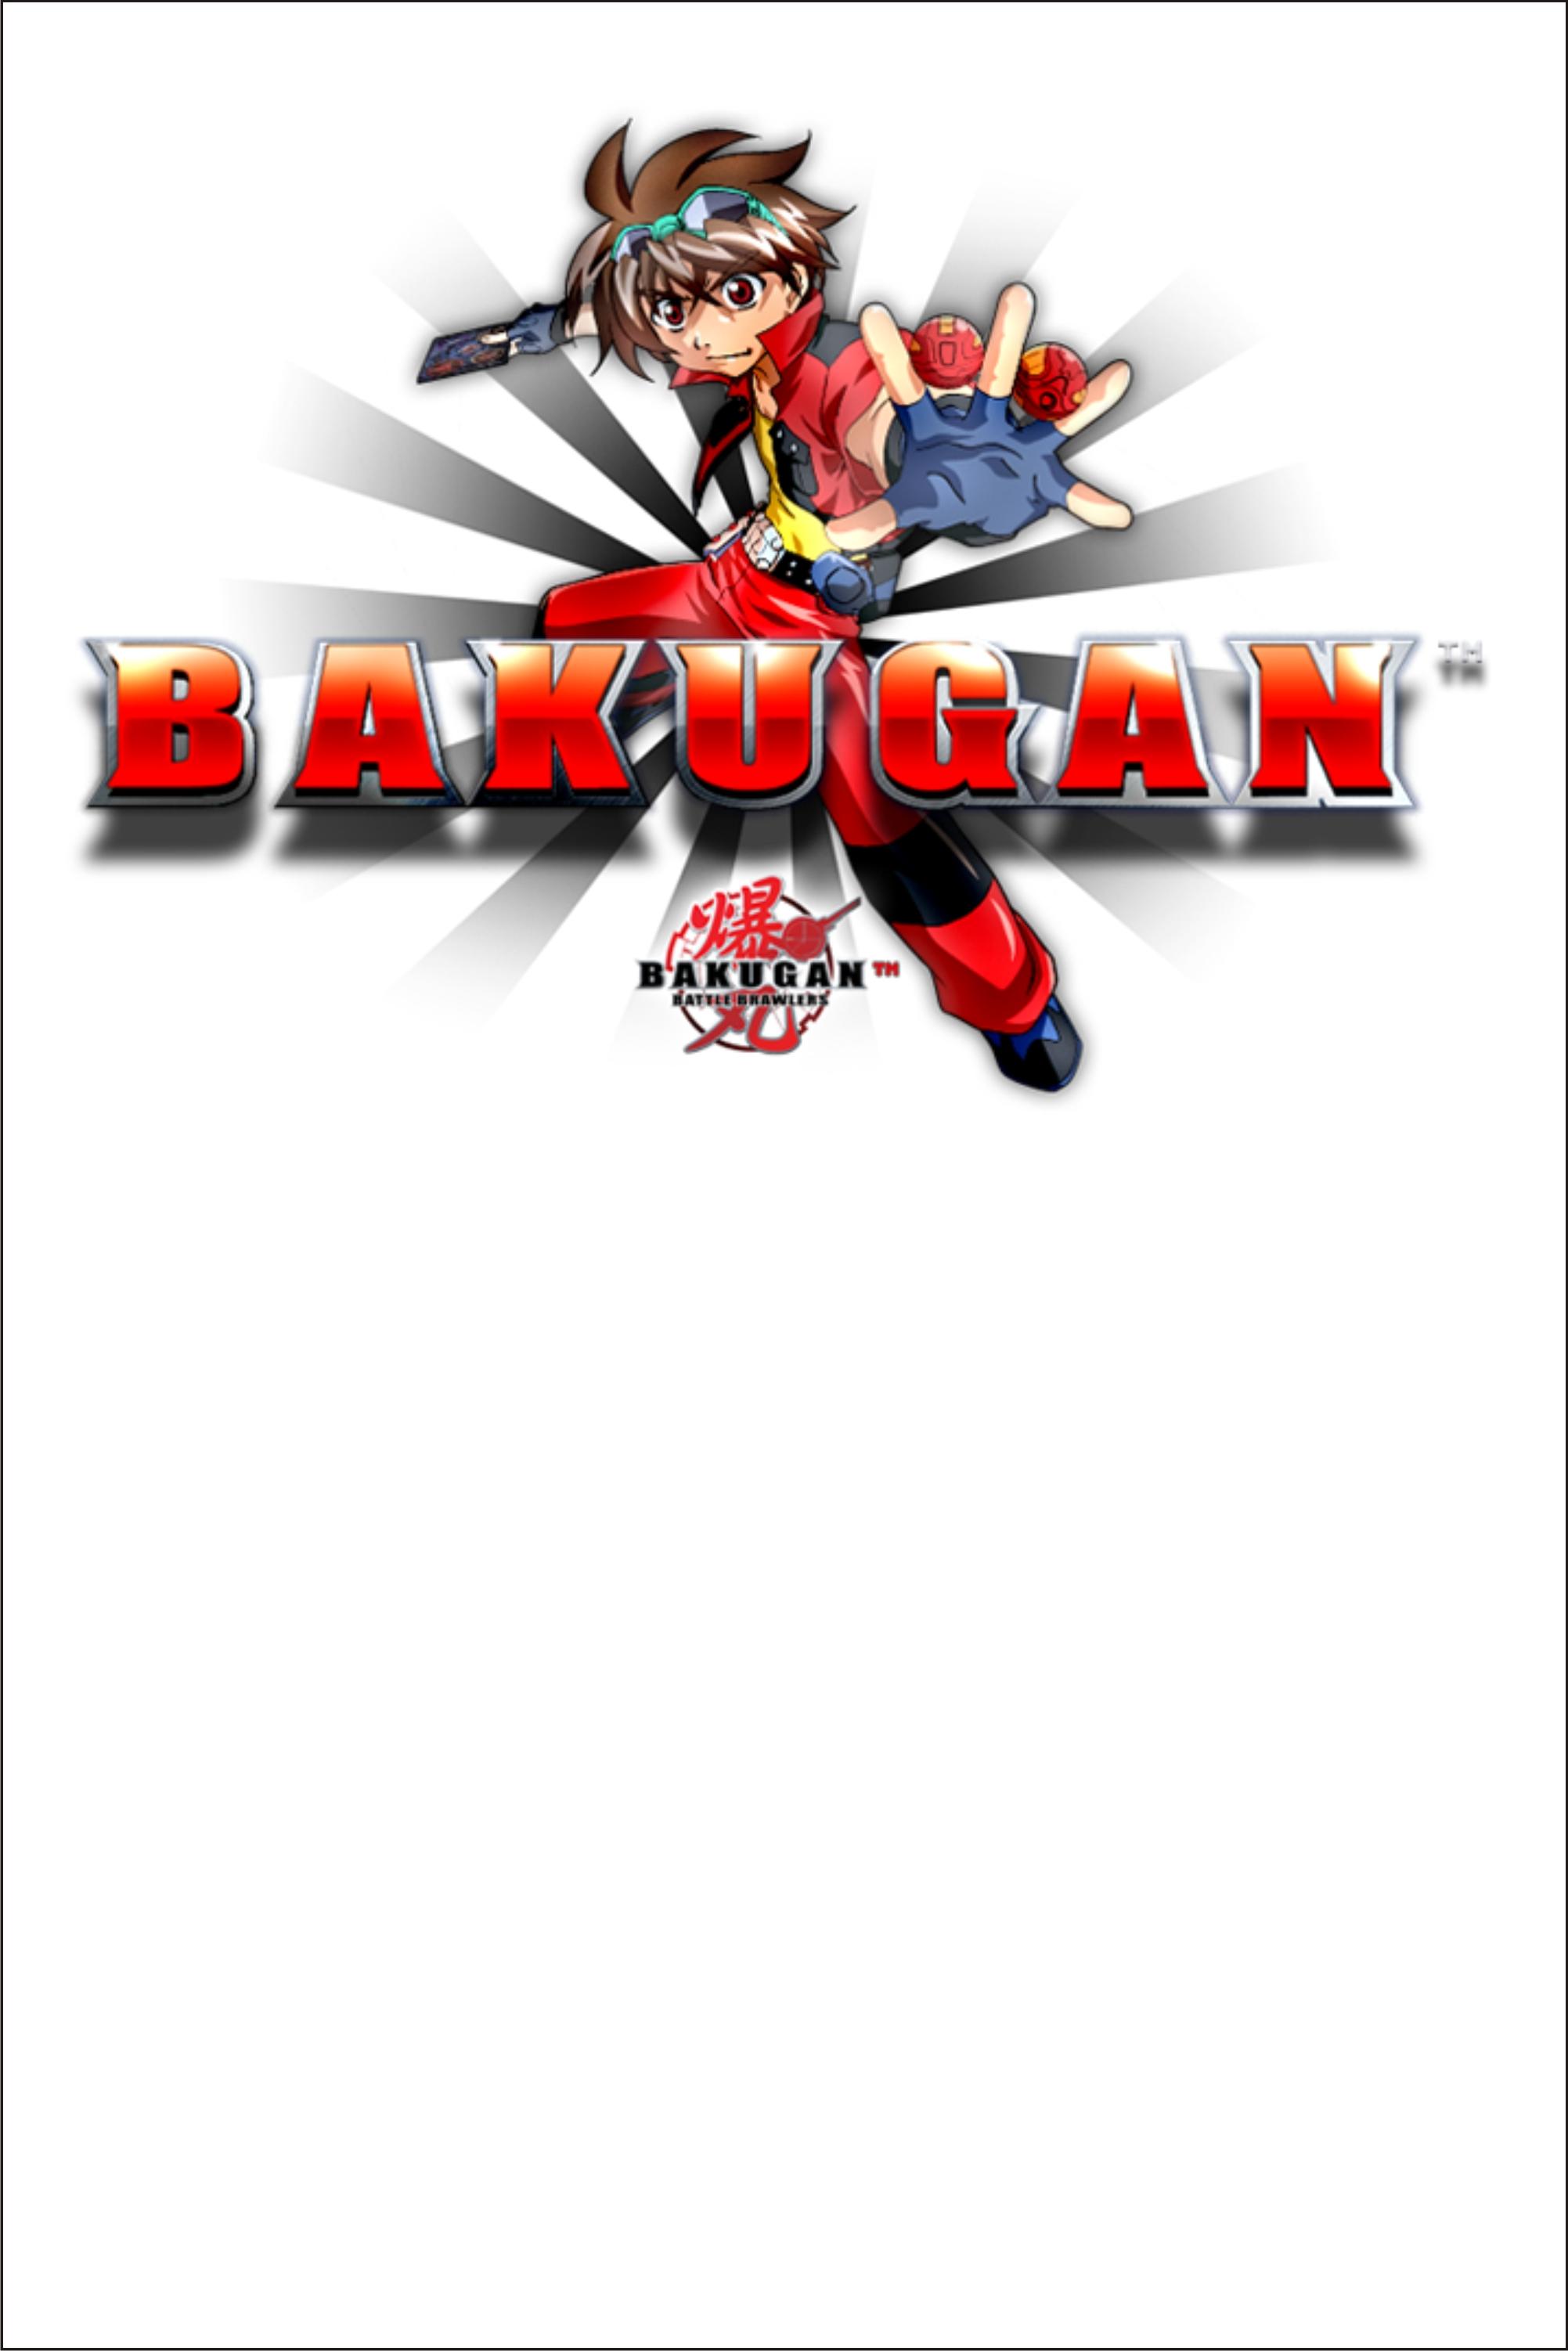 bakugan invitation personalized party invites